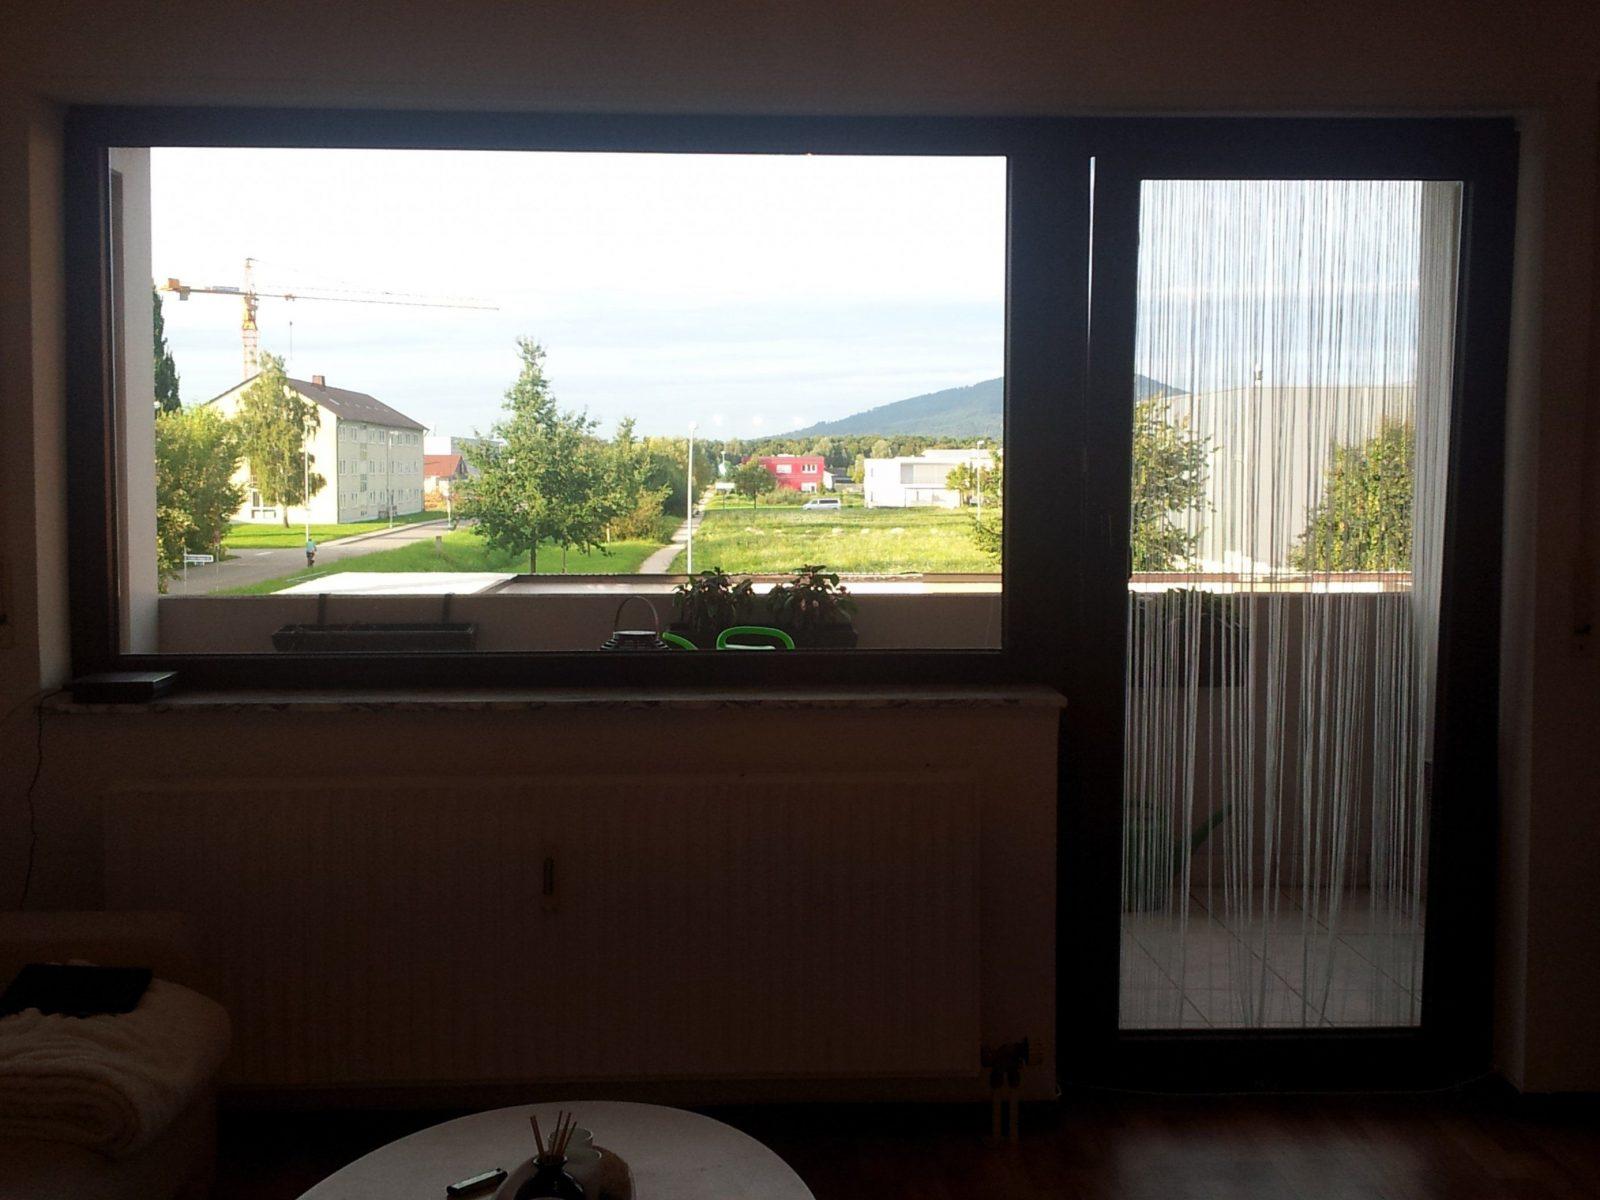 Hervorragend Gardinen Fur Grosses Fenster Mit Balkontur Fenster Von